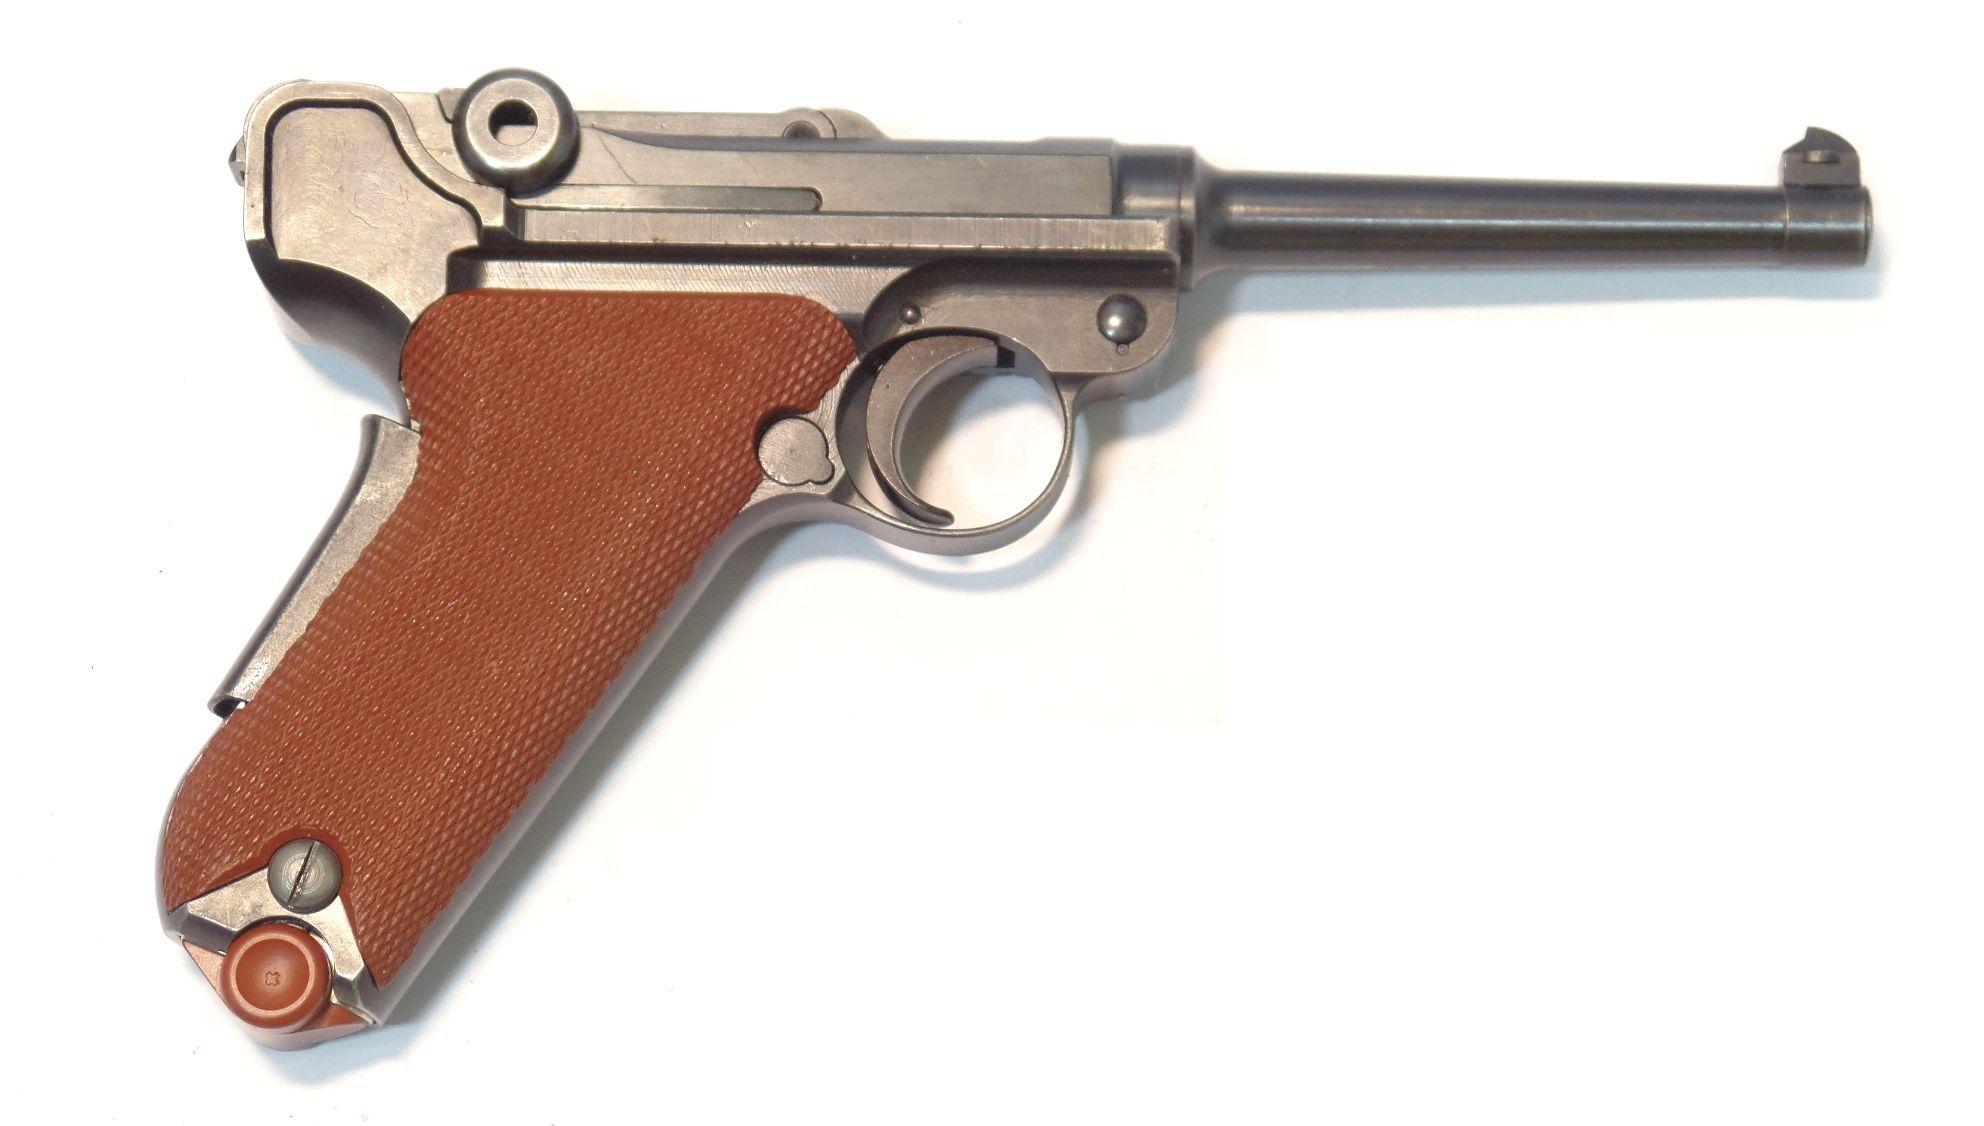 LUGER SUISSE Waffenfabrik Modèle 29 CANEVASITE calibre 7.65 Para